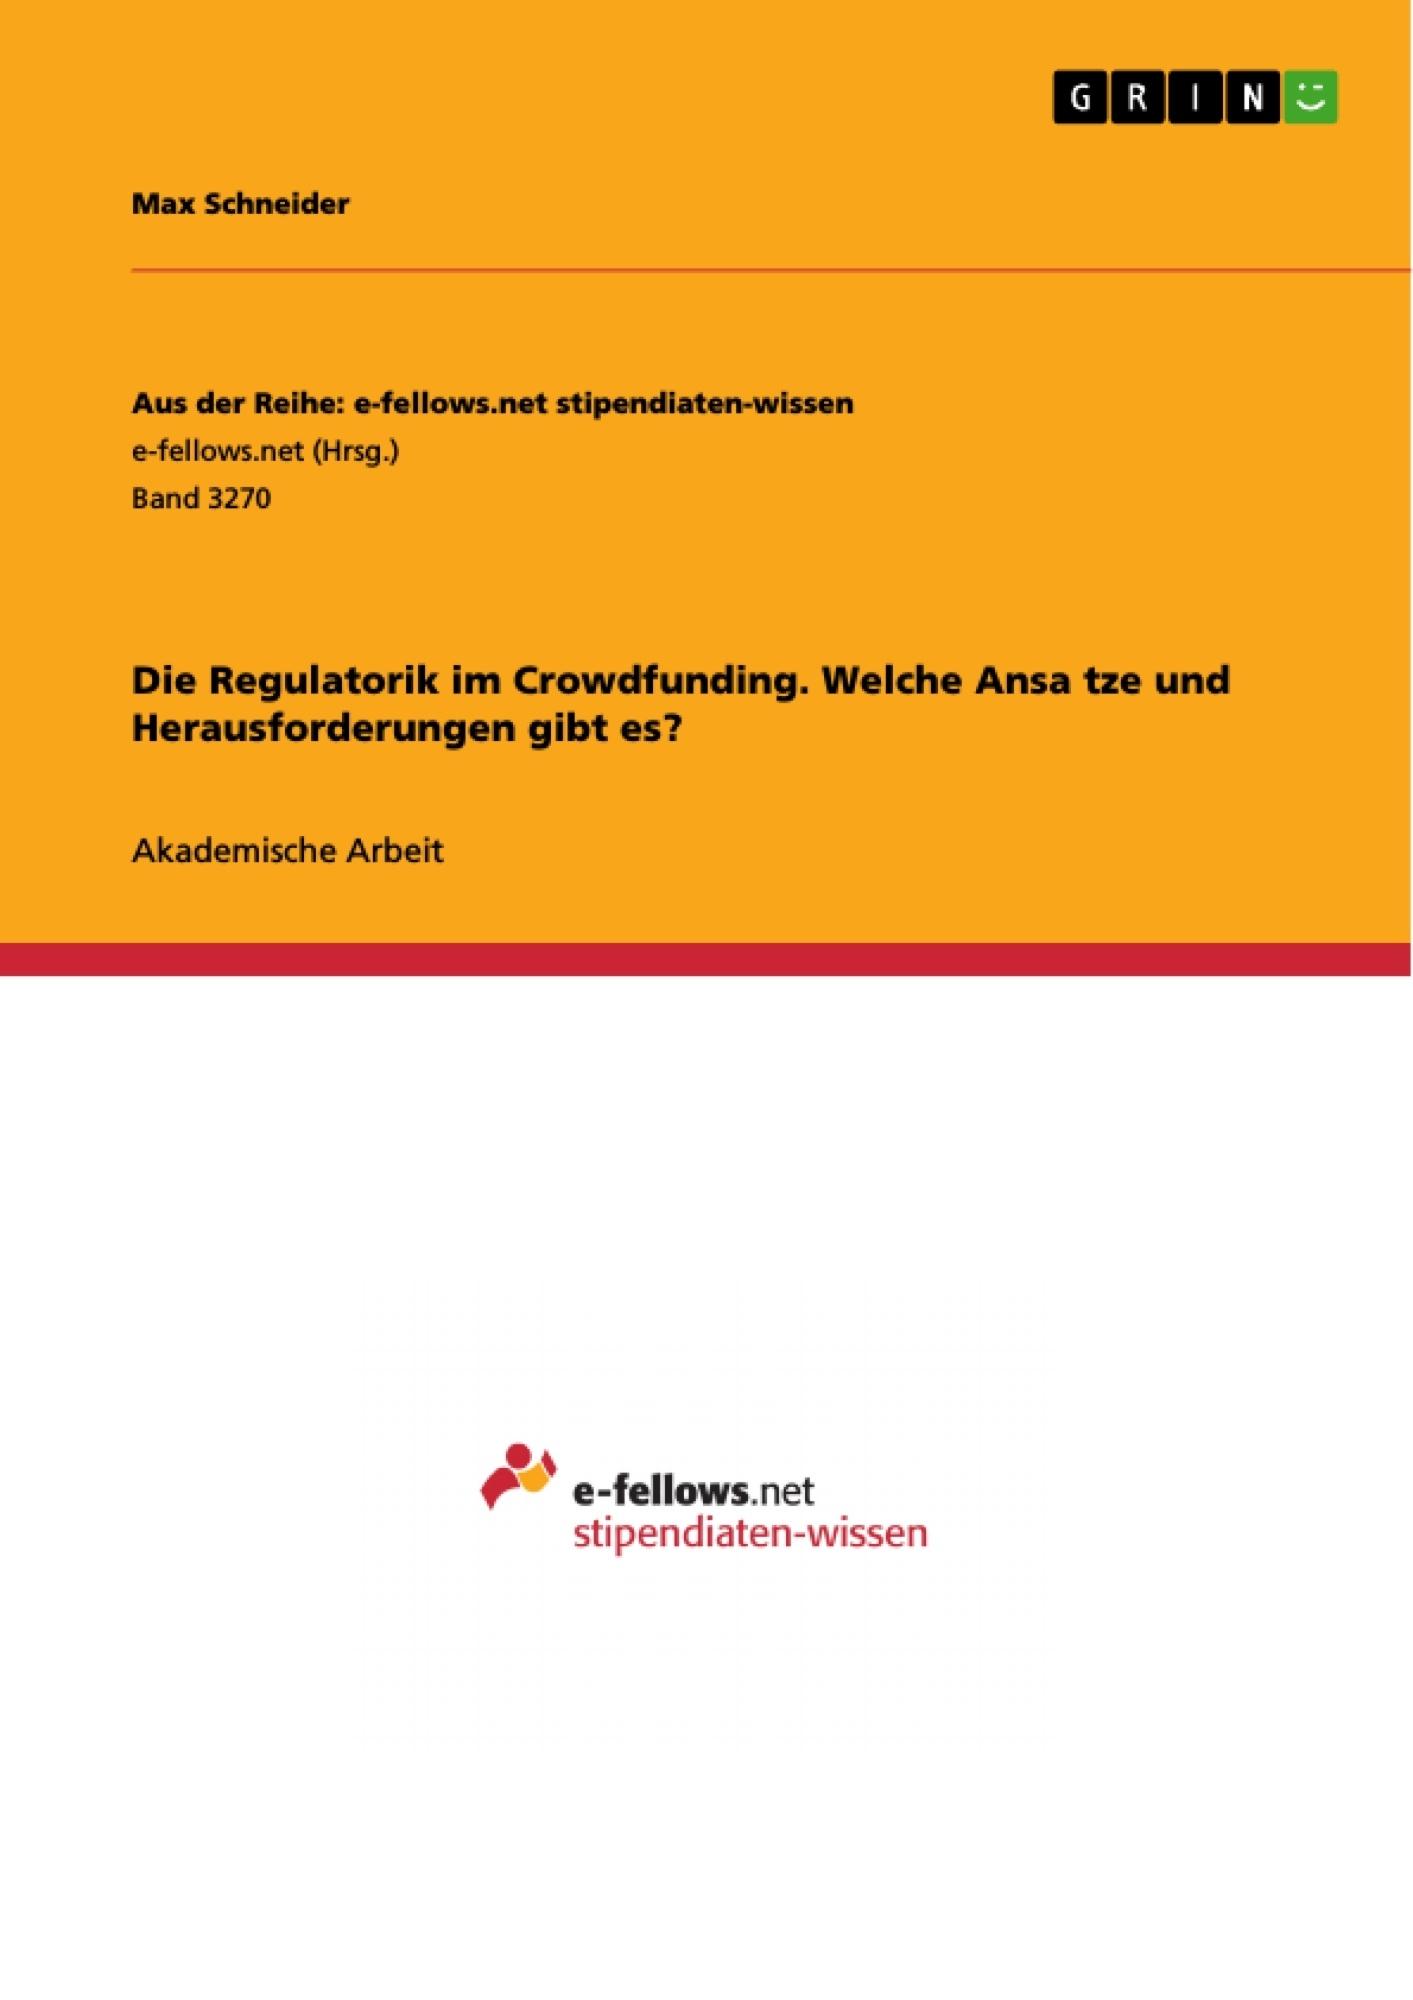 Titel: Die Regulatorik im Crowdfunding. Welche Ansätze und Herausforderungen gibt es?